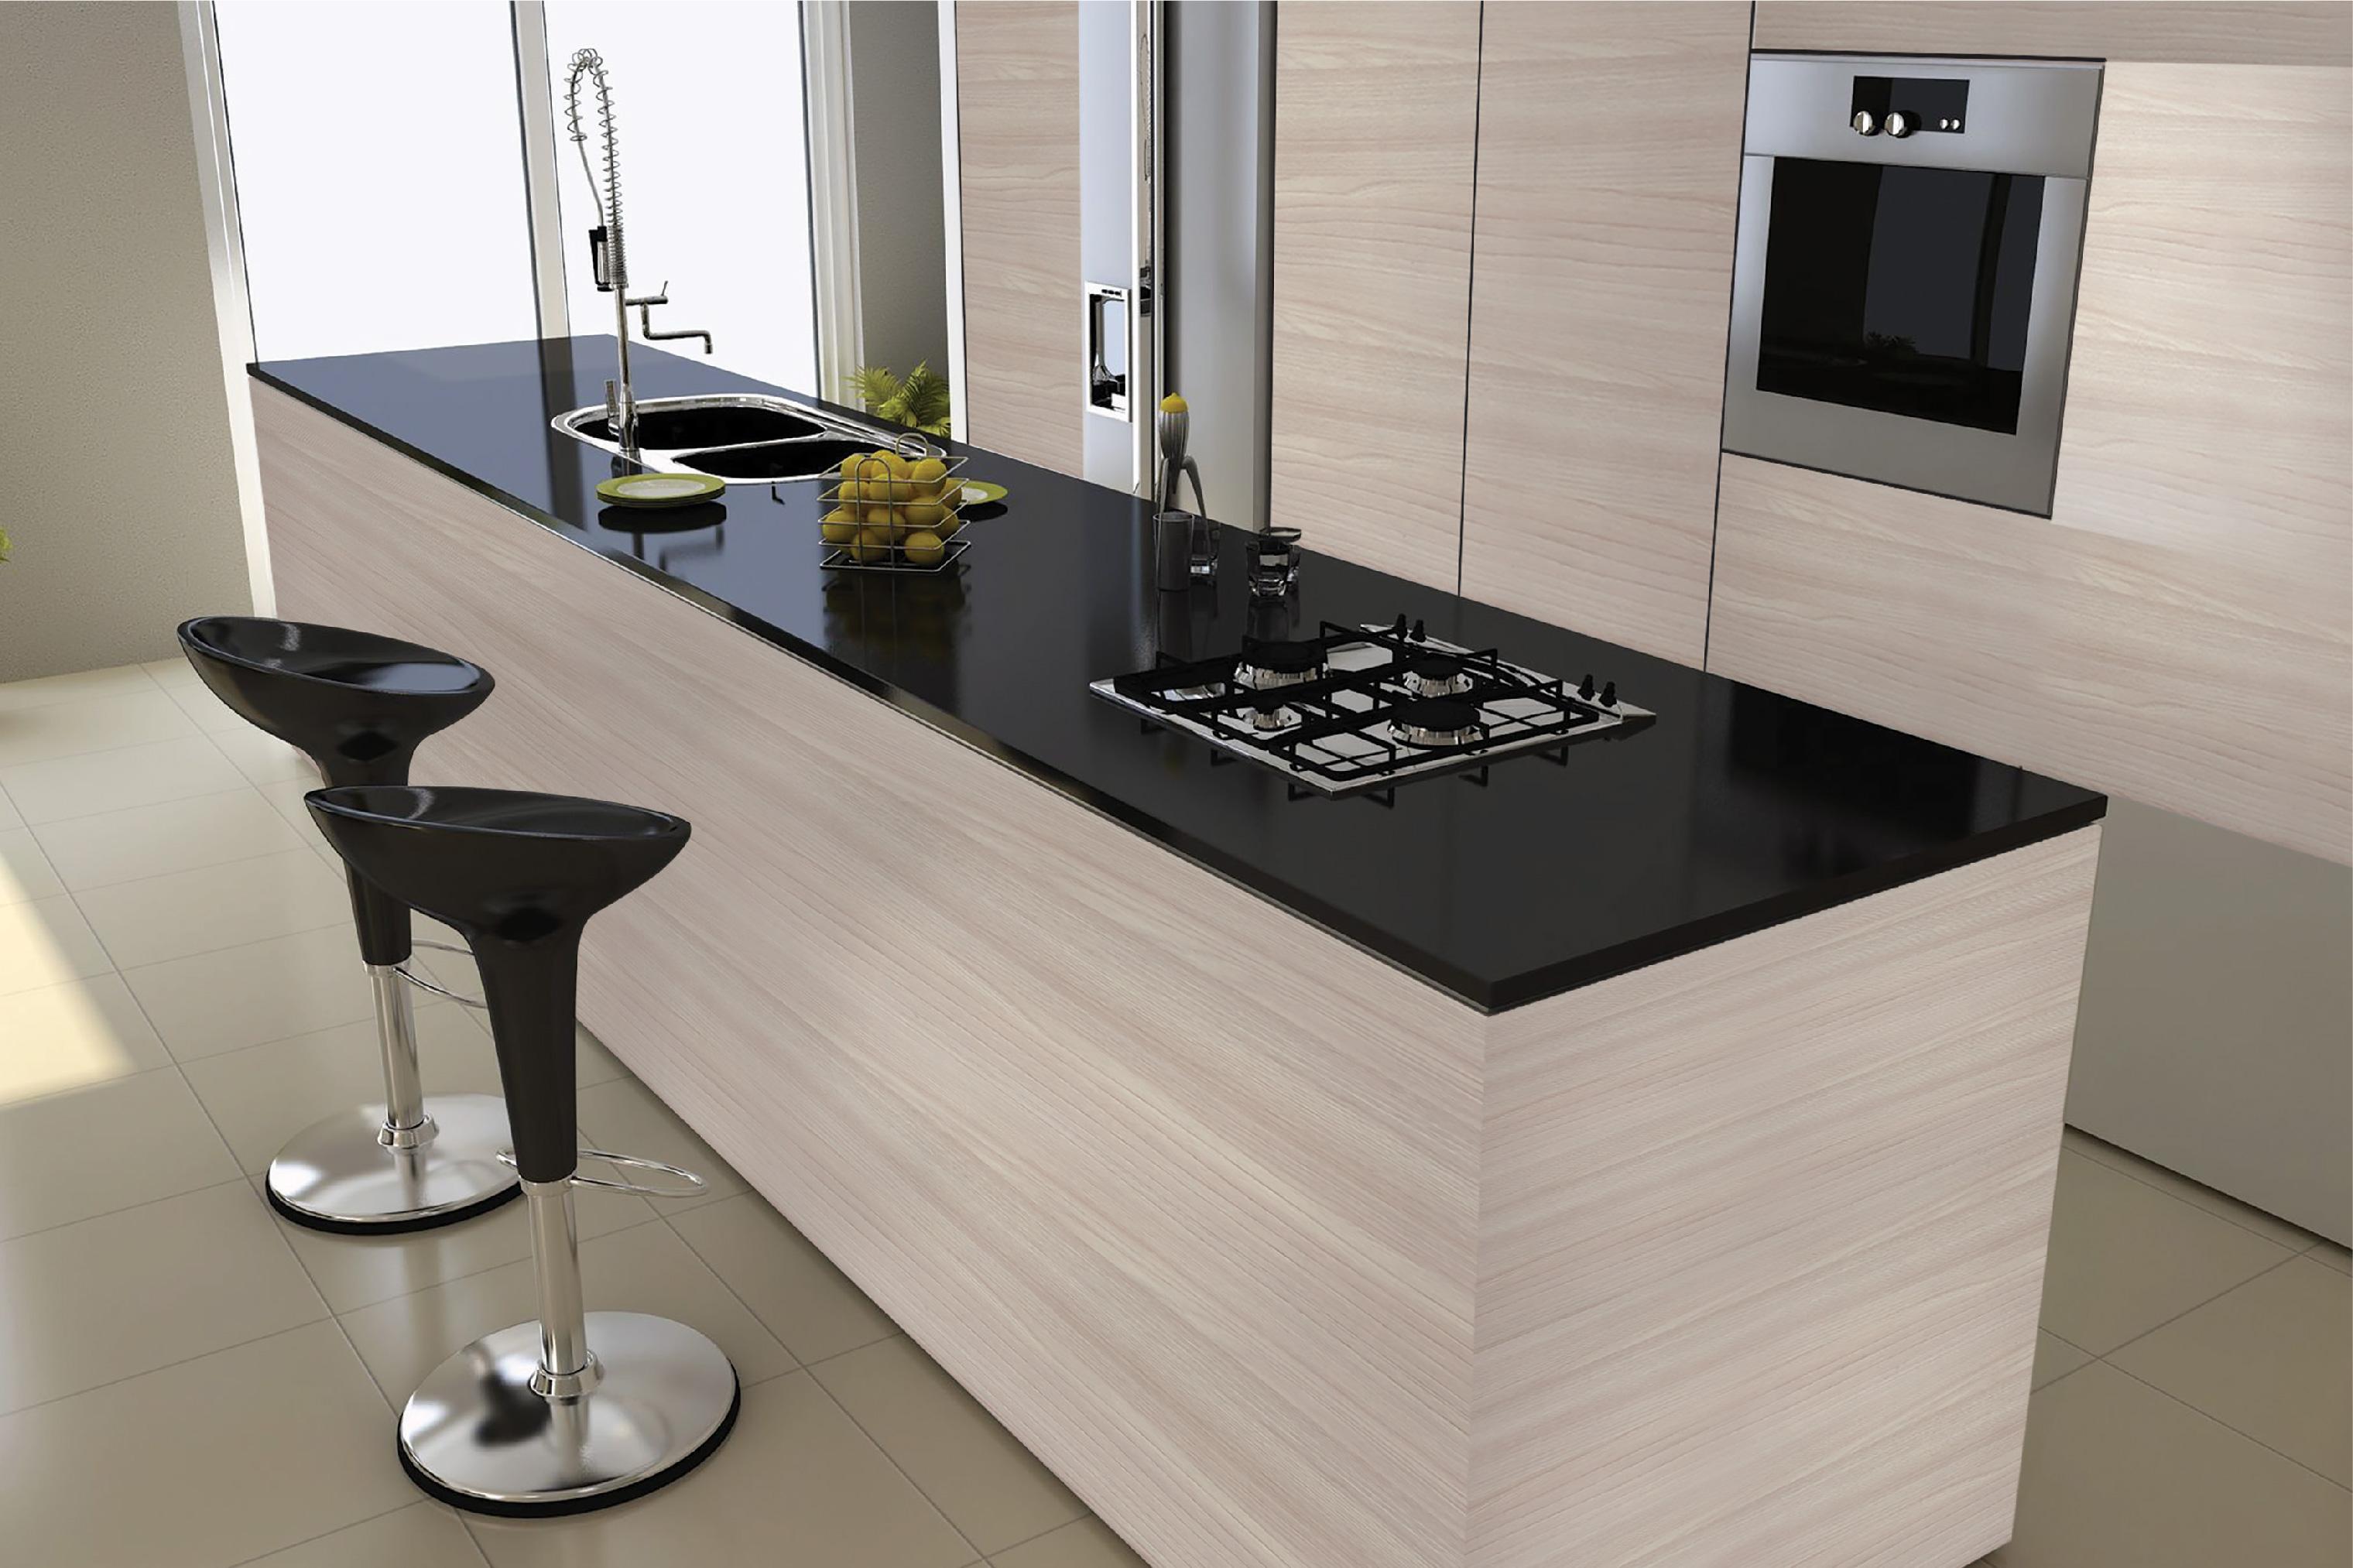 Showcase - Modern Kitchen Cabinet | Green Decor - Melamine ...